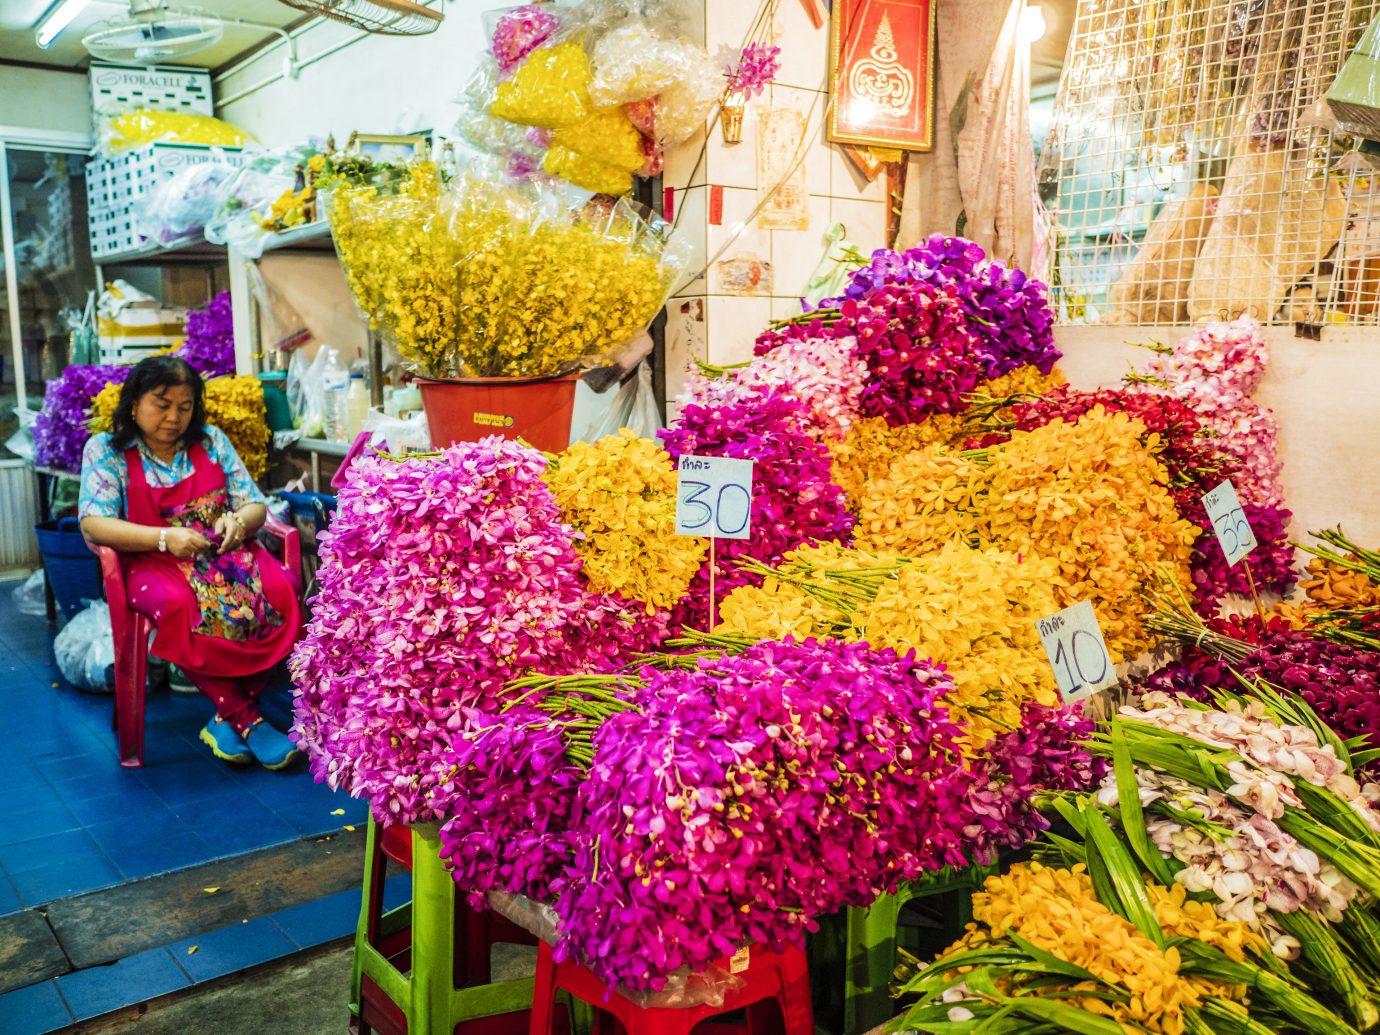 Jetsetter Guides color flower floristry flower arranging flora colorful plant public space retail floral design market different colored Shop fresh